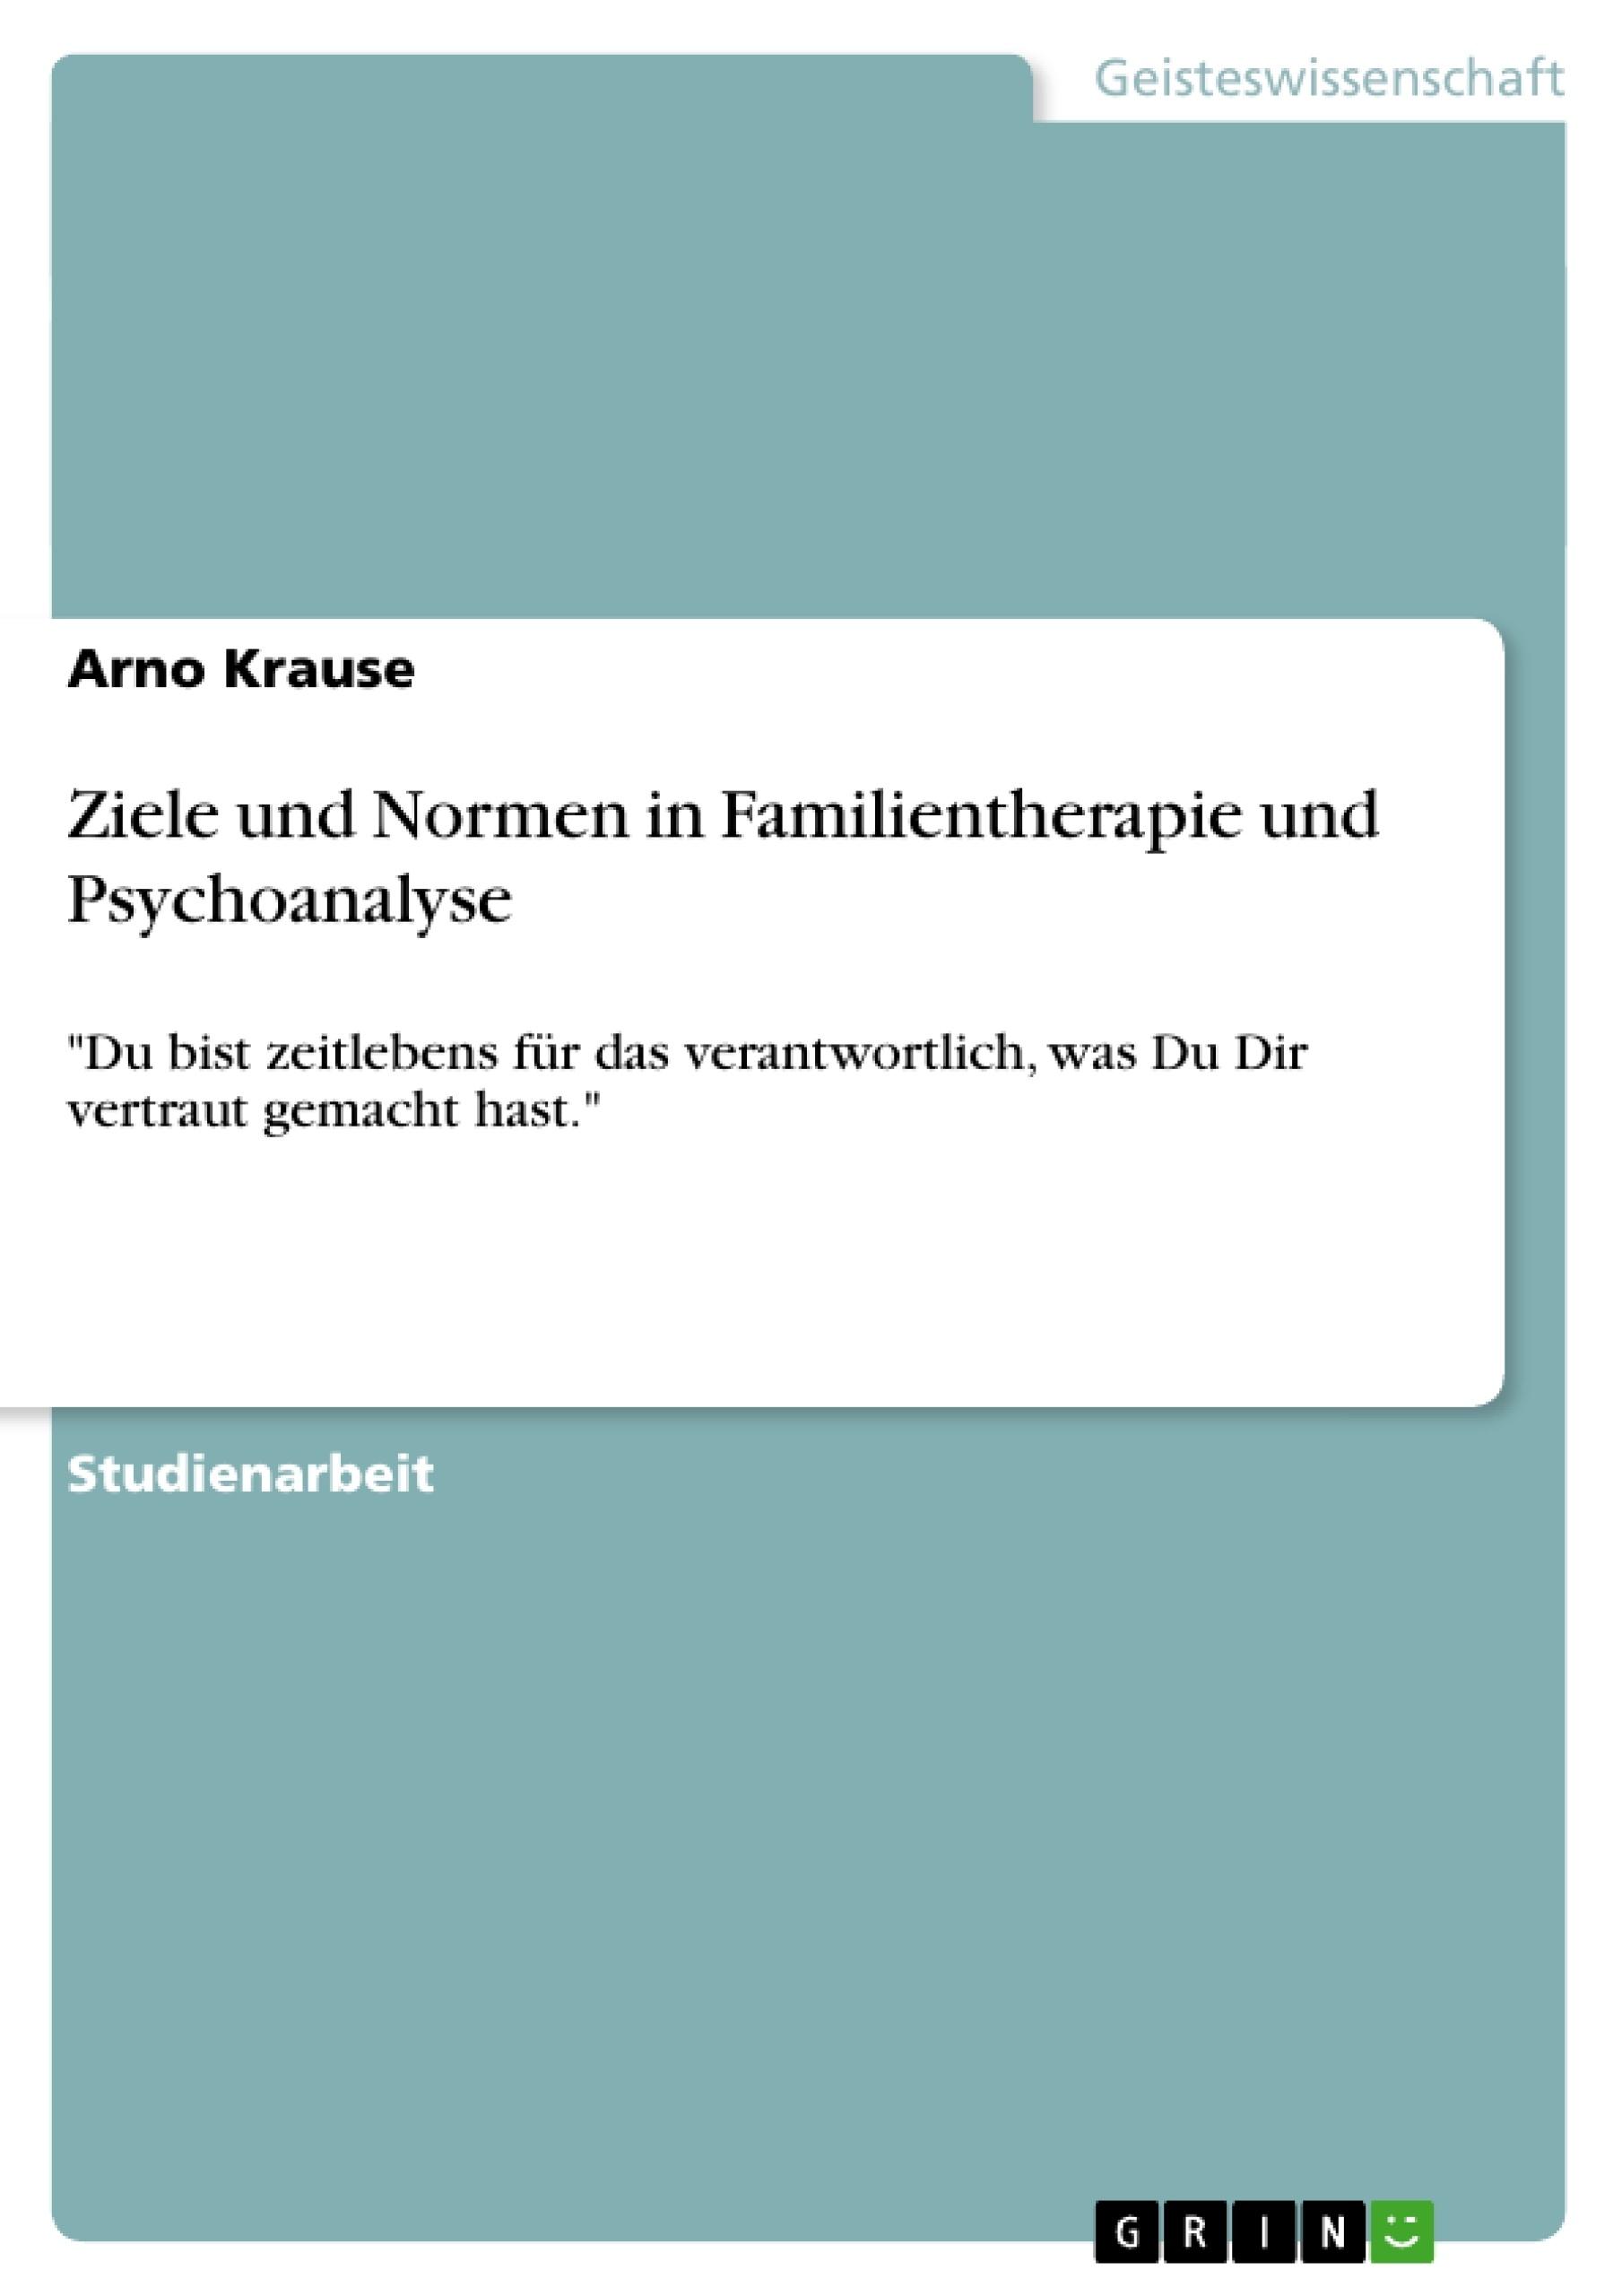 Titel: Ziele und Normen in Familientherapie und Psychoanalyse